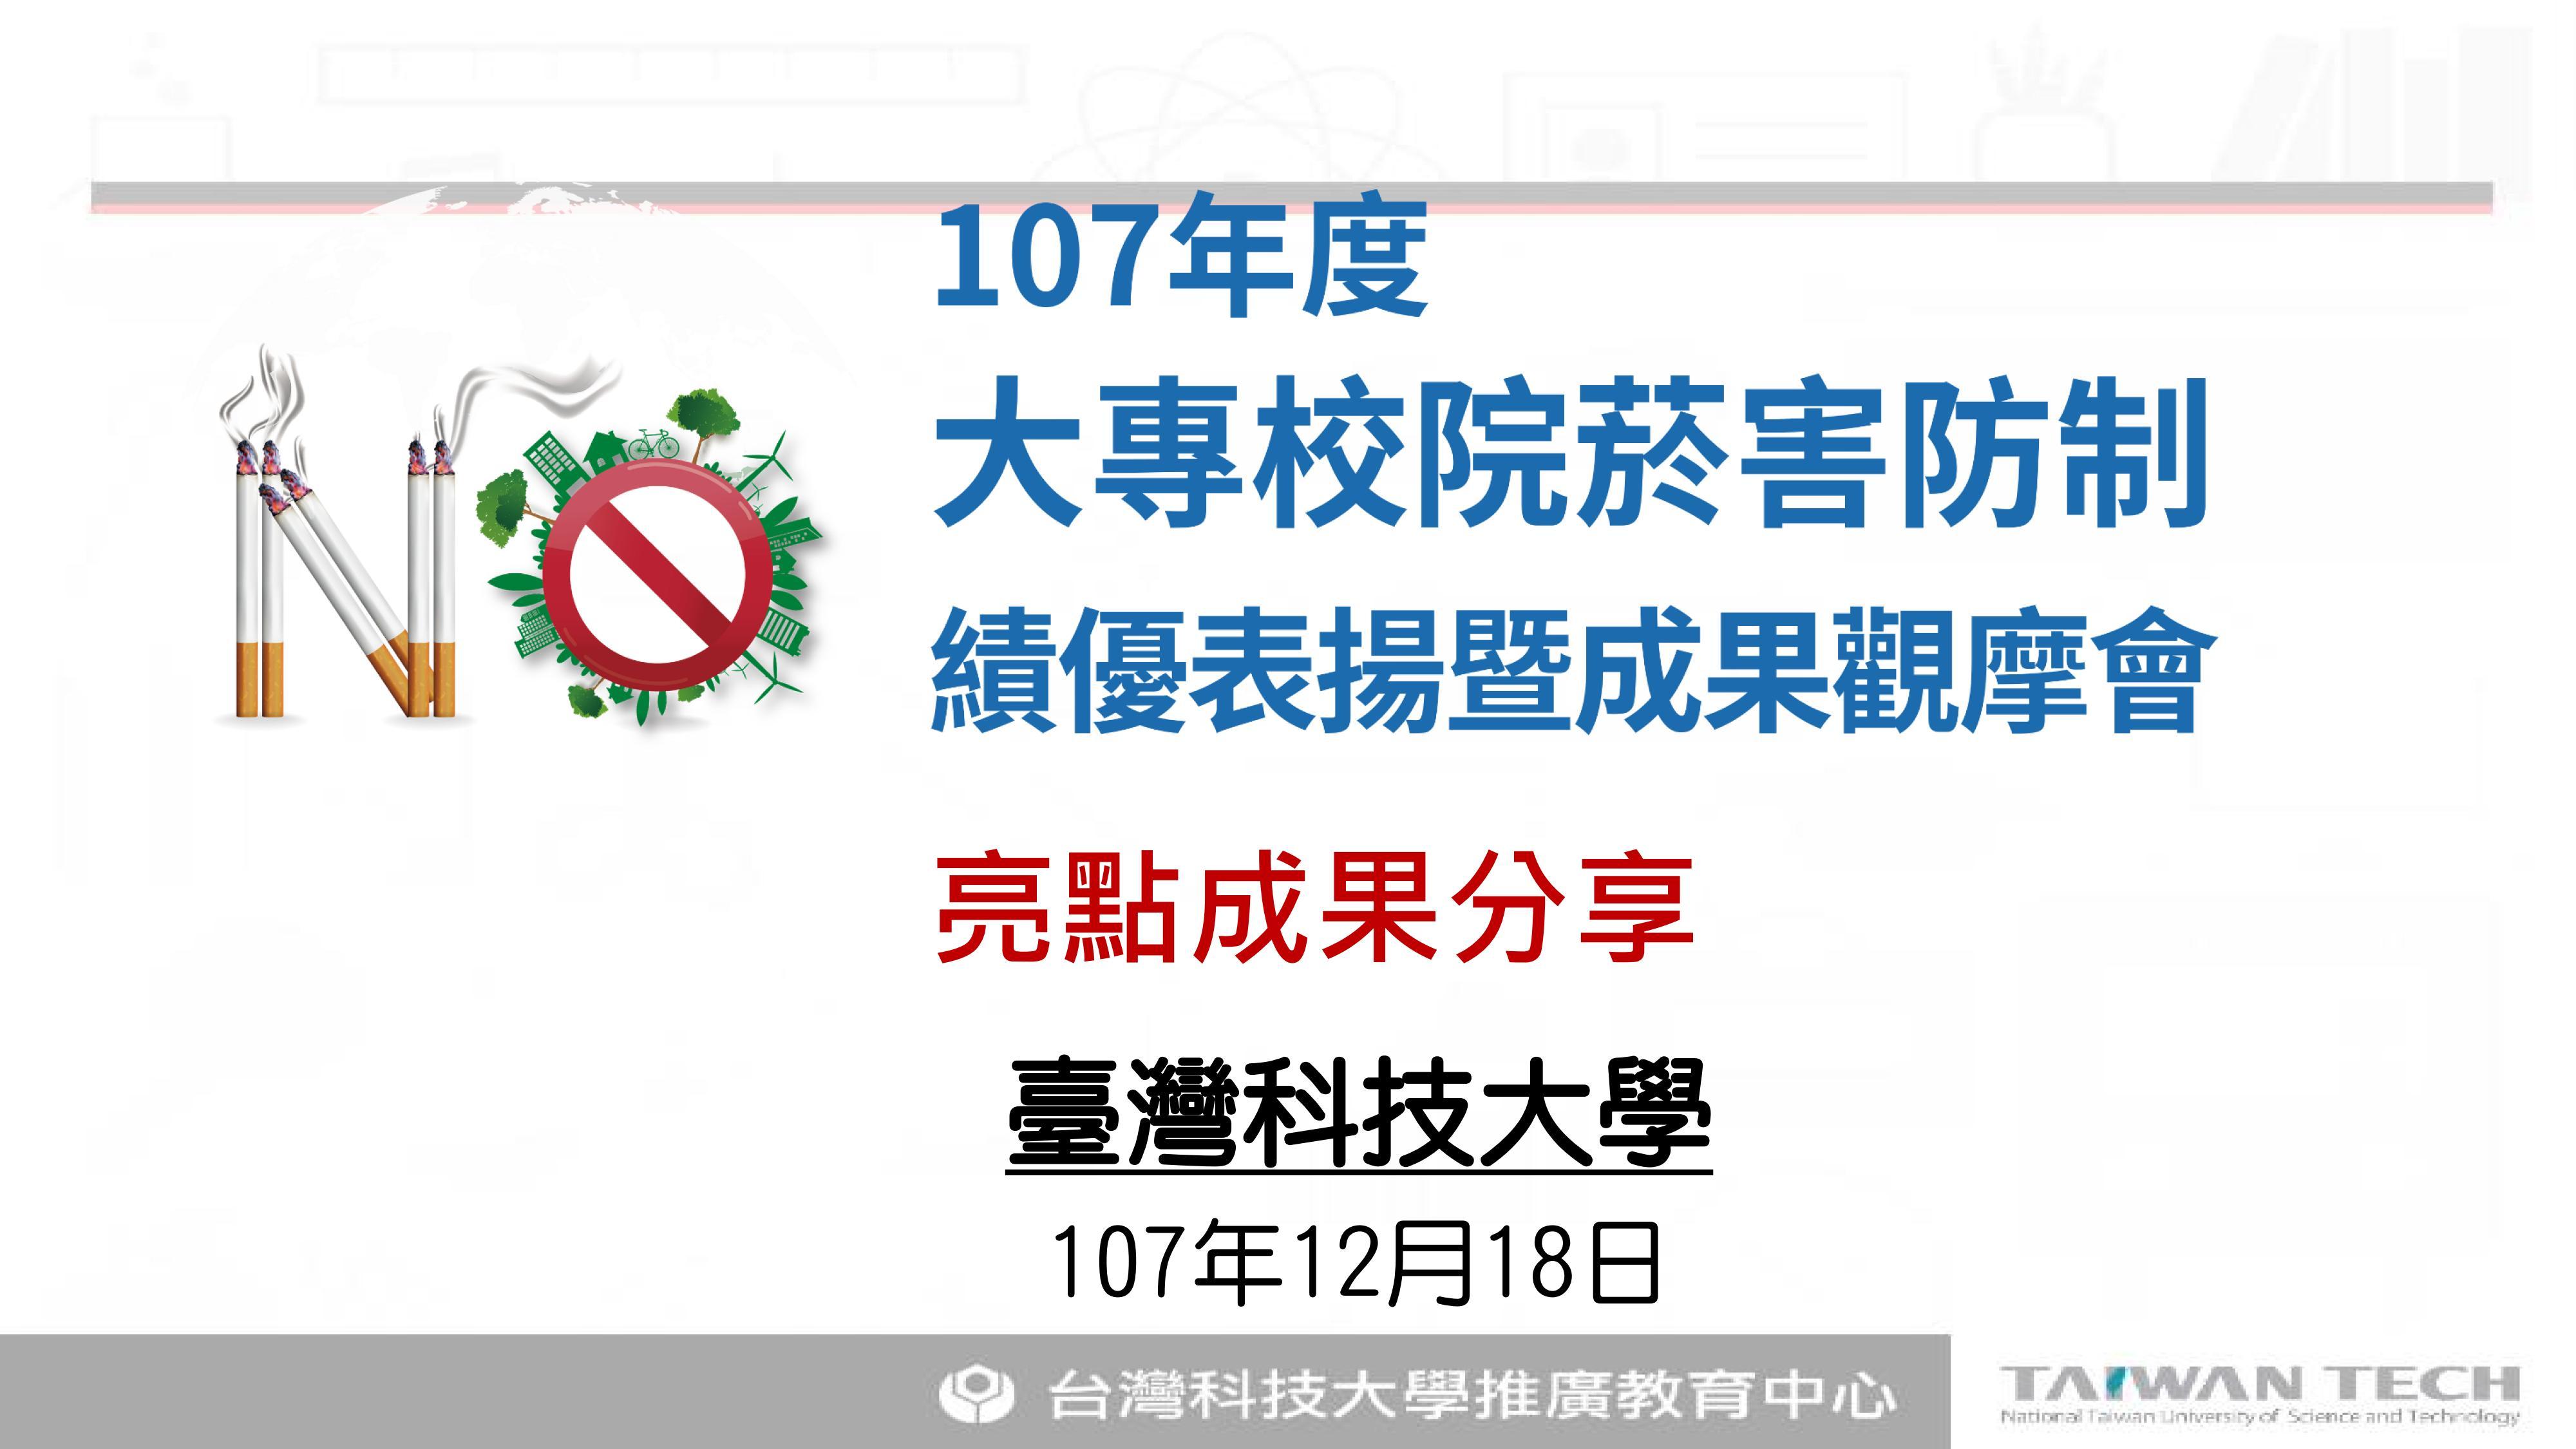 圖片-台灣科技大學107年度大專院校菸害防制績優表揚暨成果觀摩會亮點成果分享